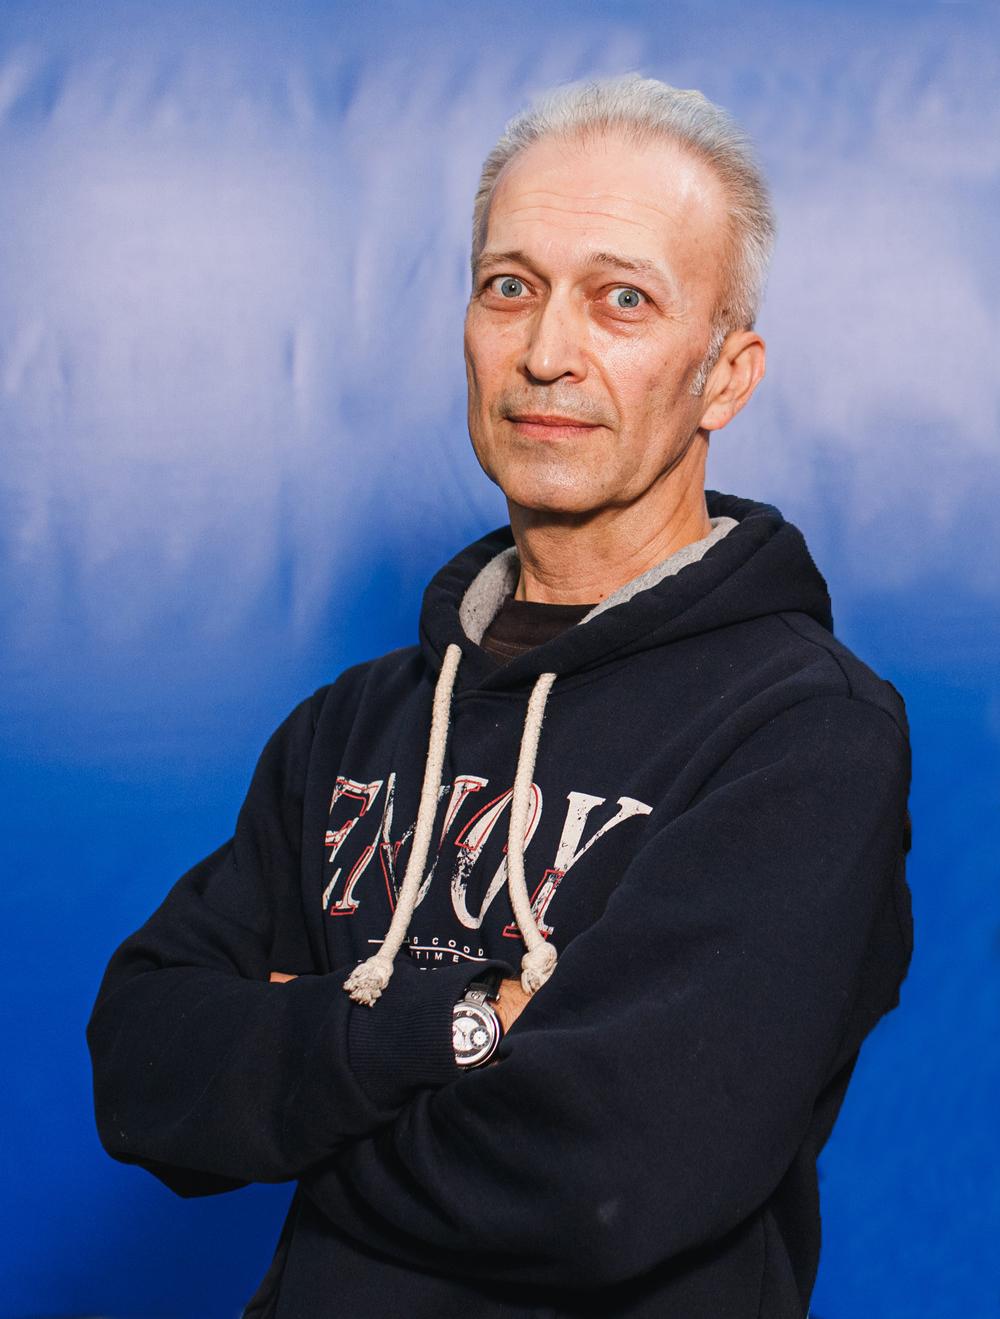 Мінгазов Руслан Ріфович, керівник фізичного виховання